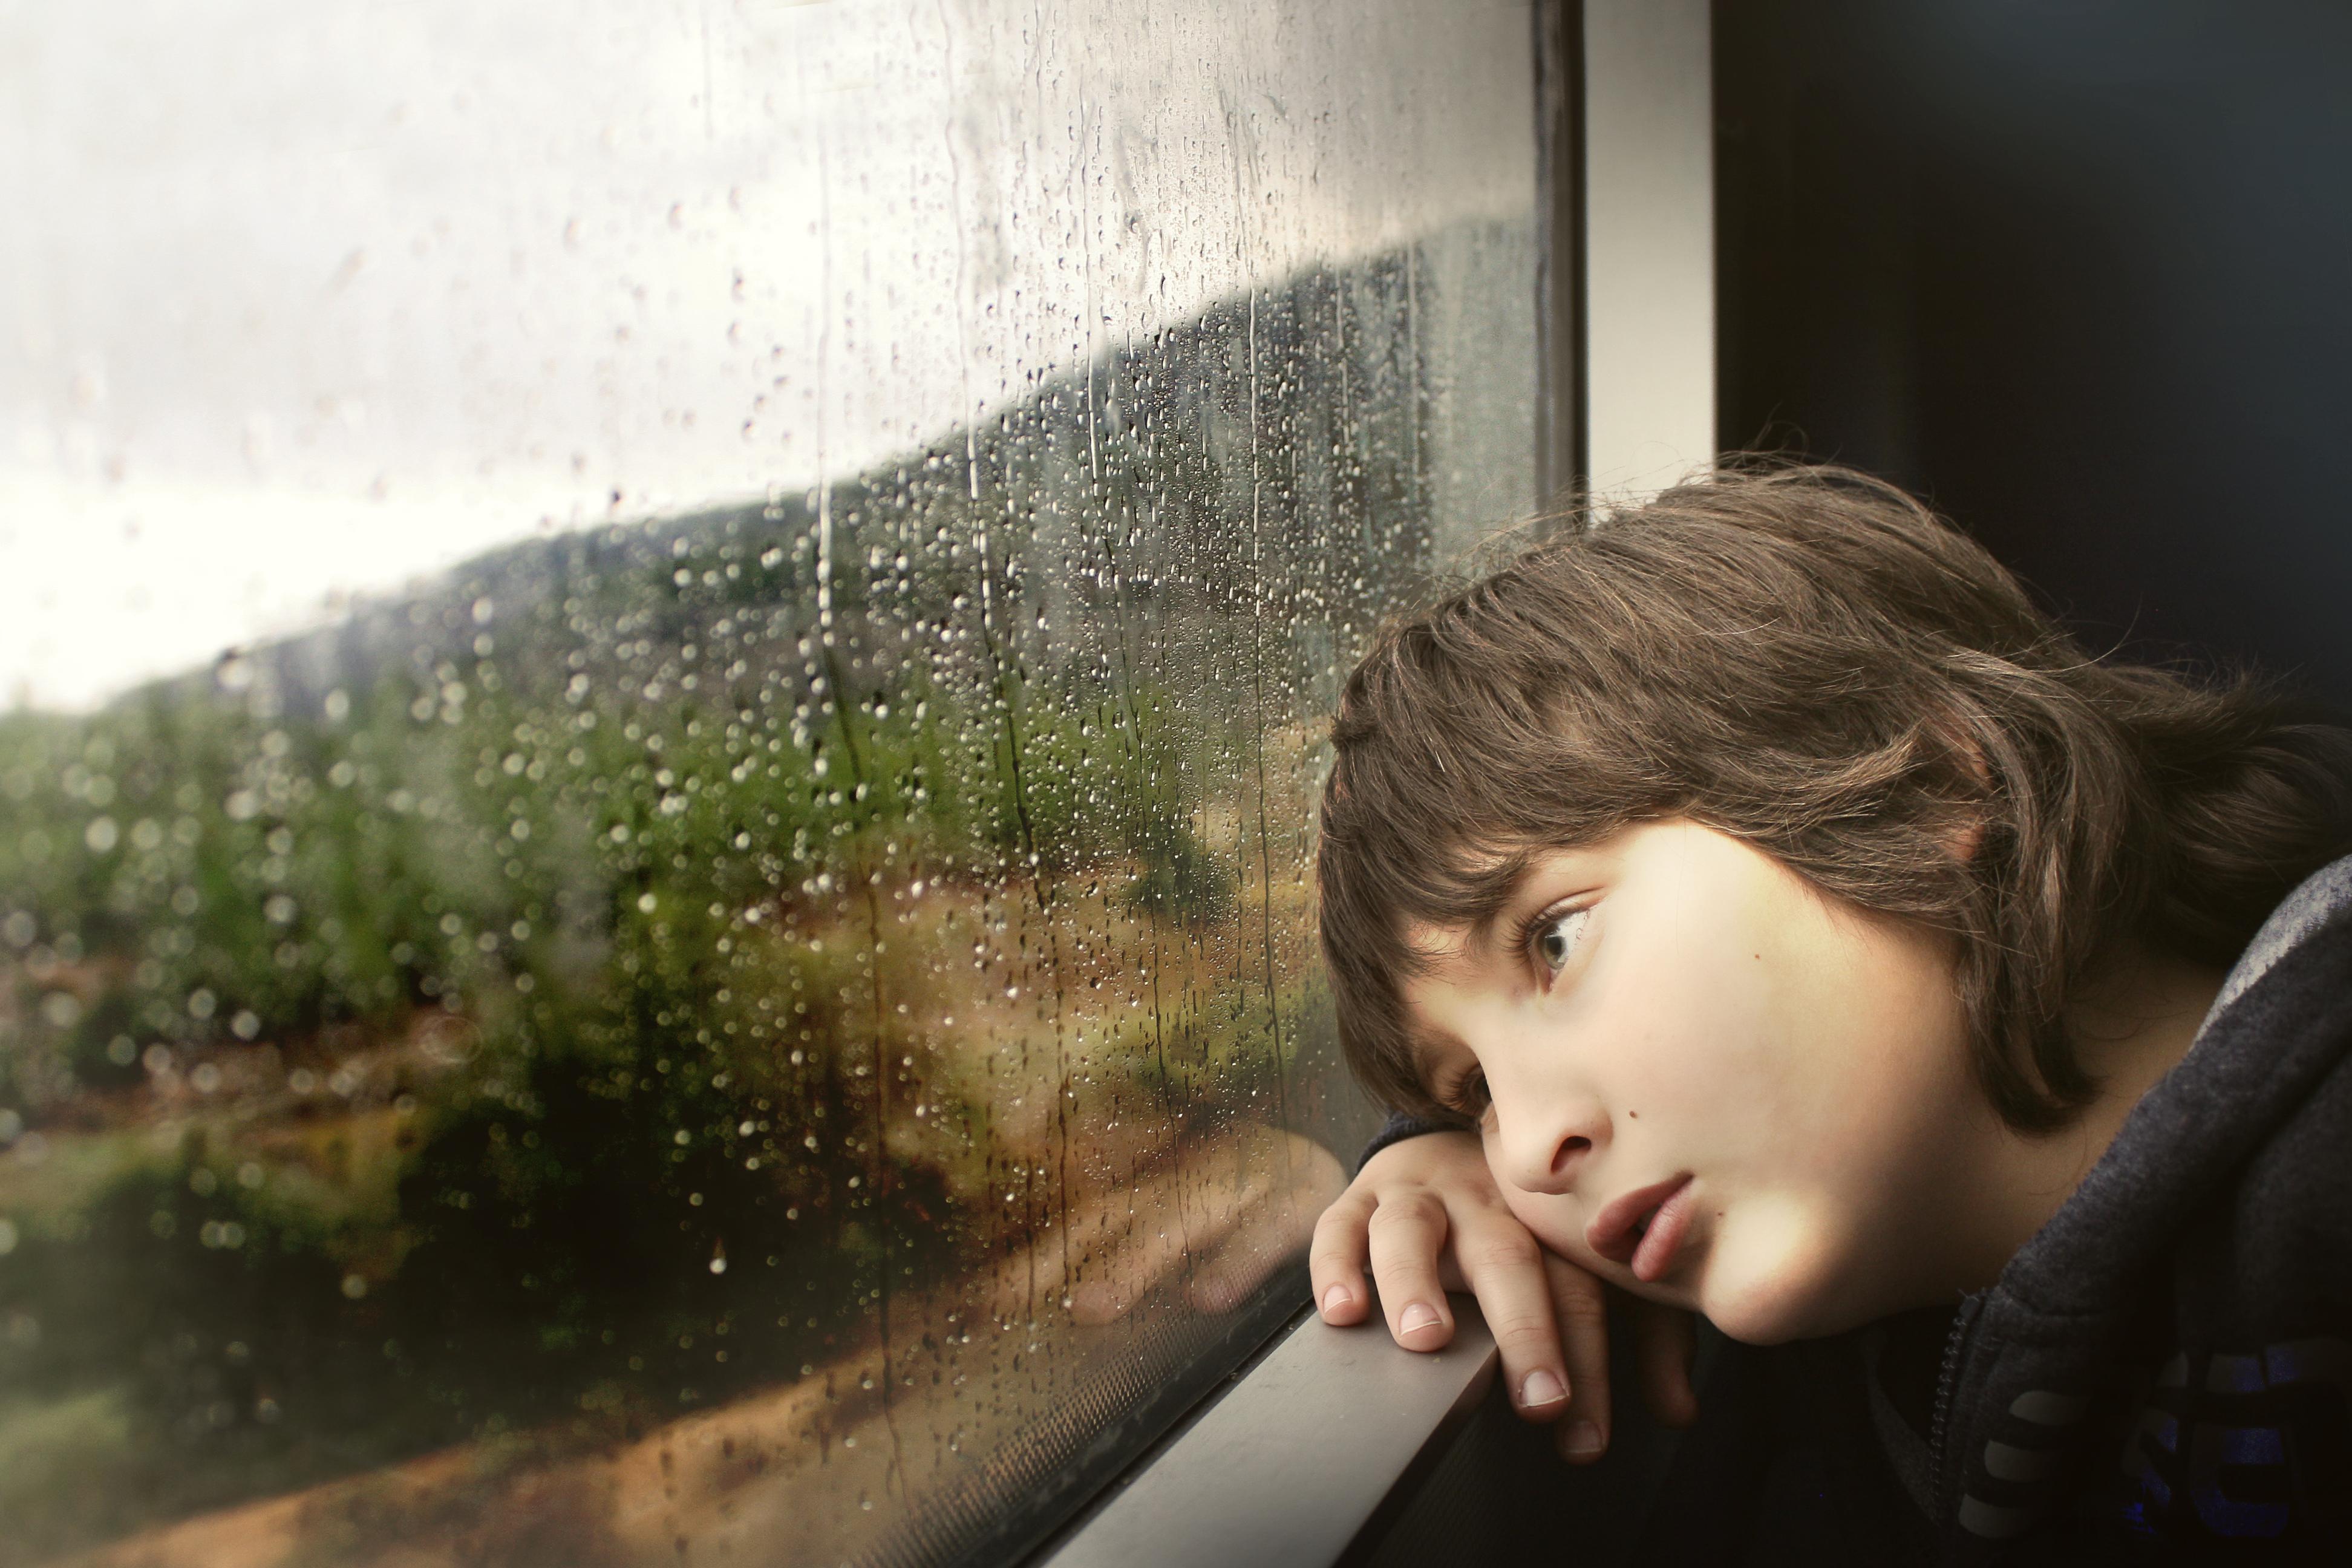 ילד עצוב מביט מהחלון